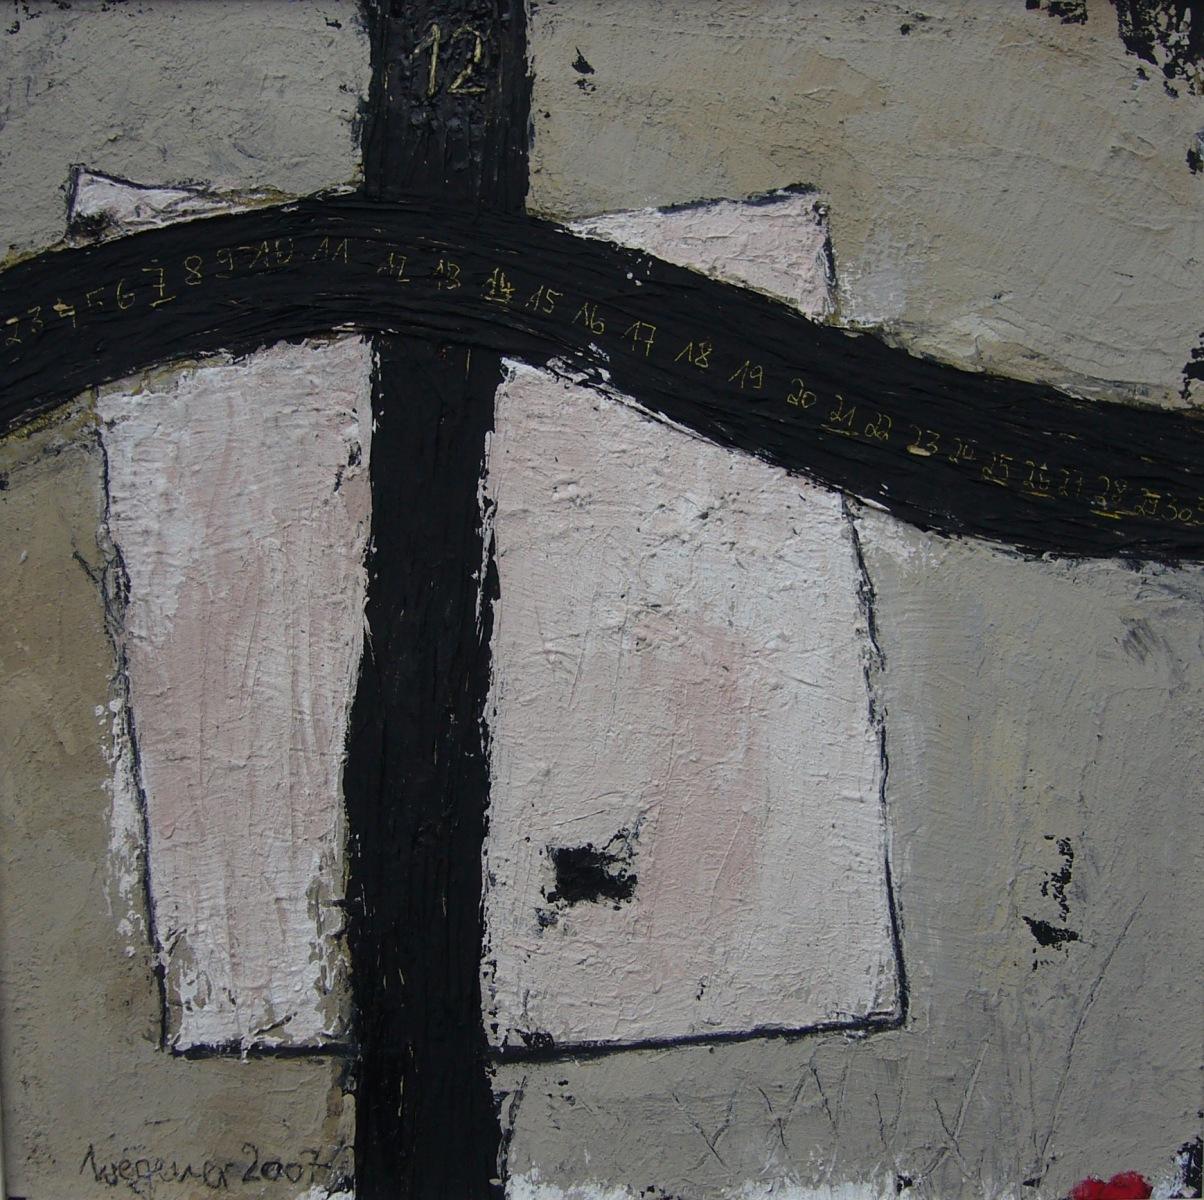 Kalendarium XII - Dezember 2008